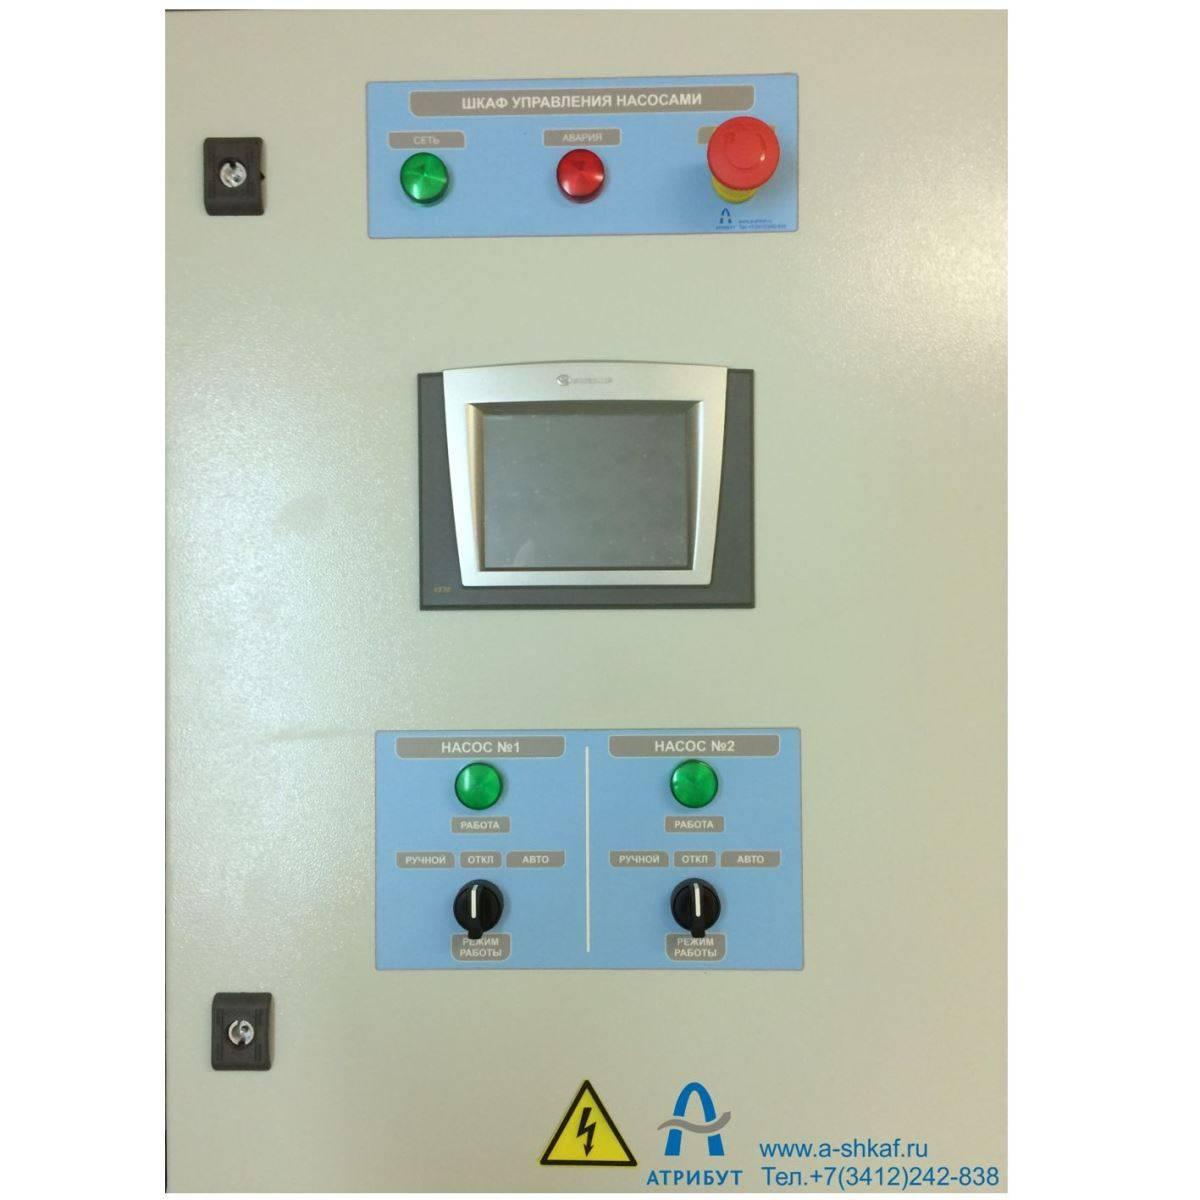 Шкаф управления насосами: виды, назначение, схемы подключения - точка j